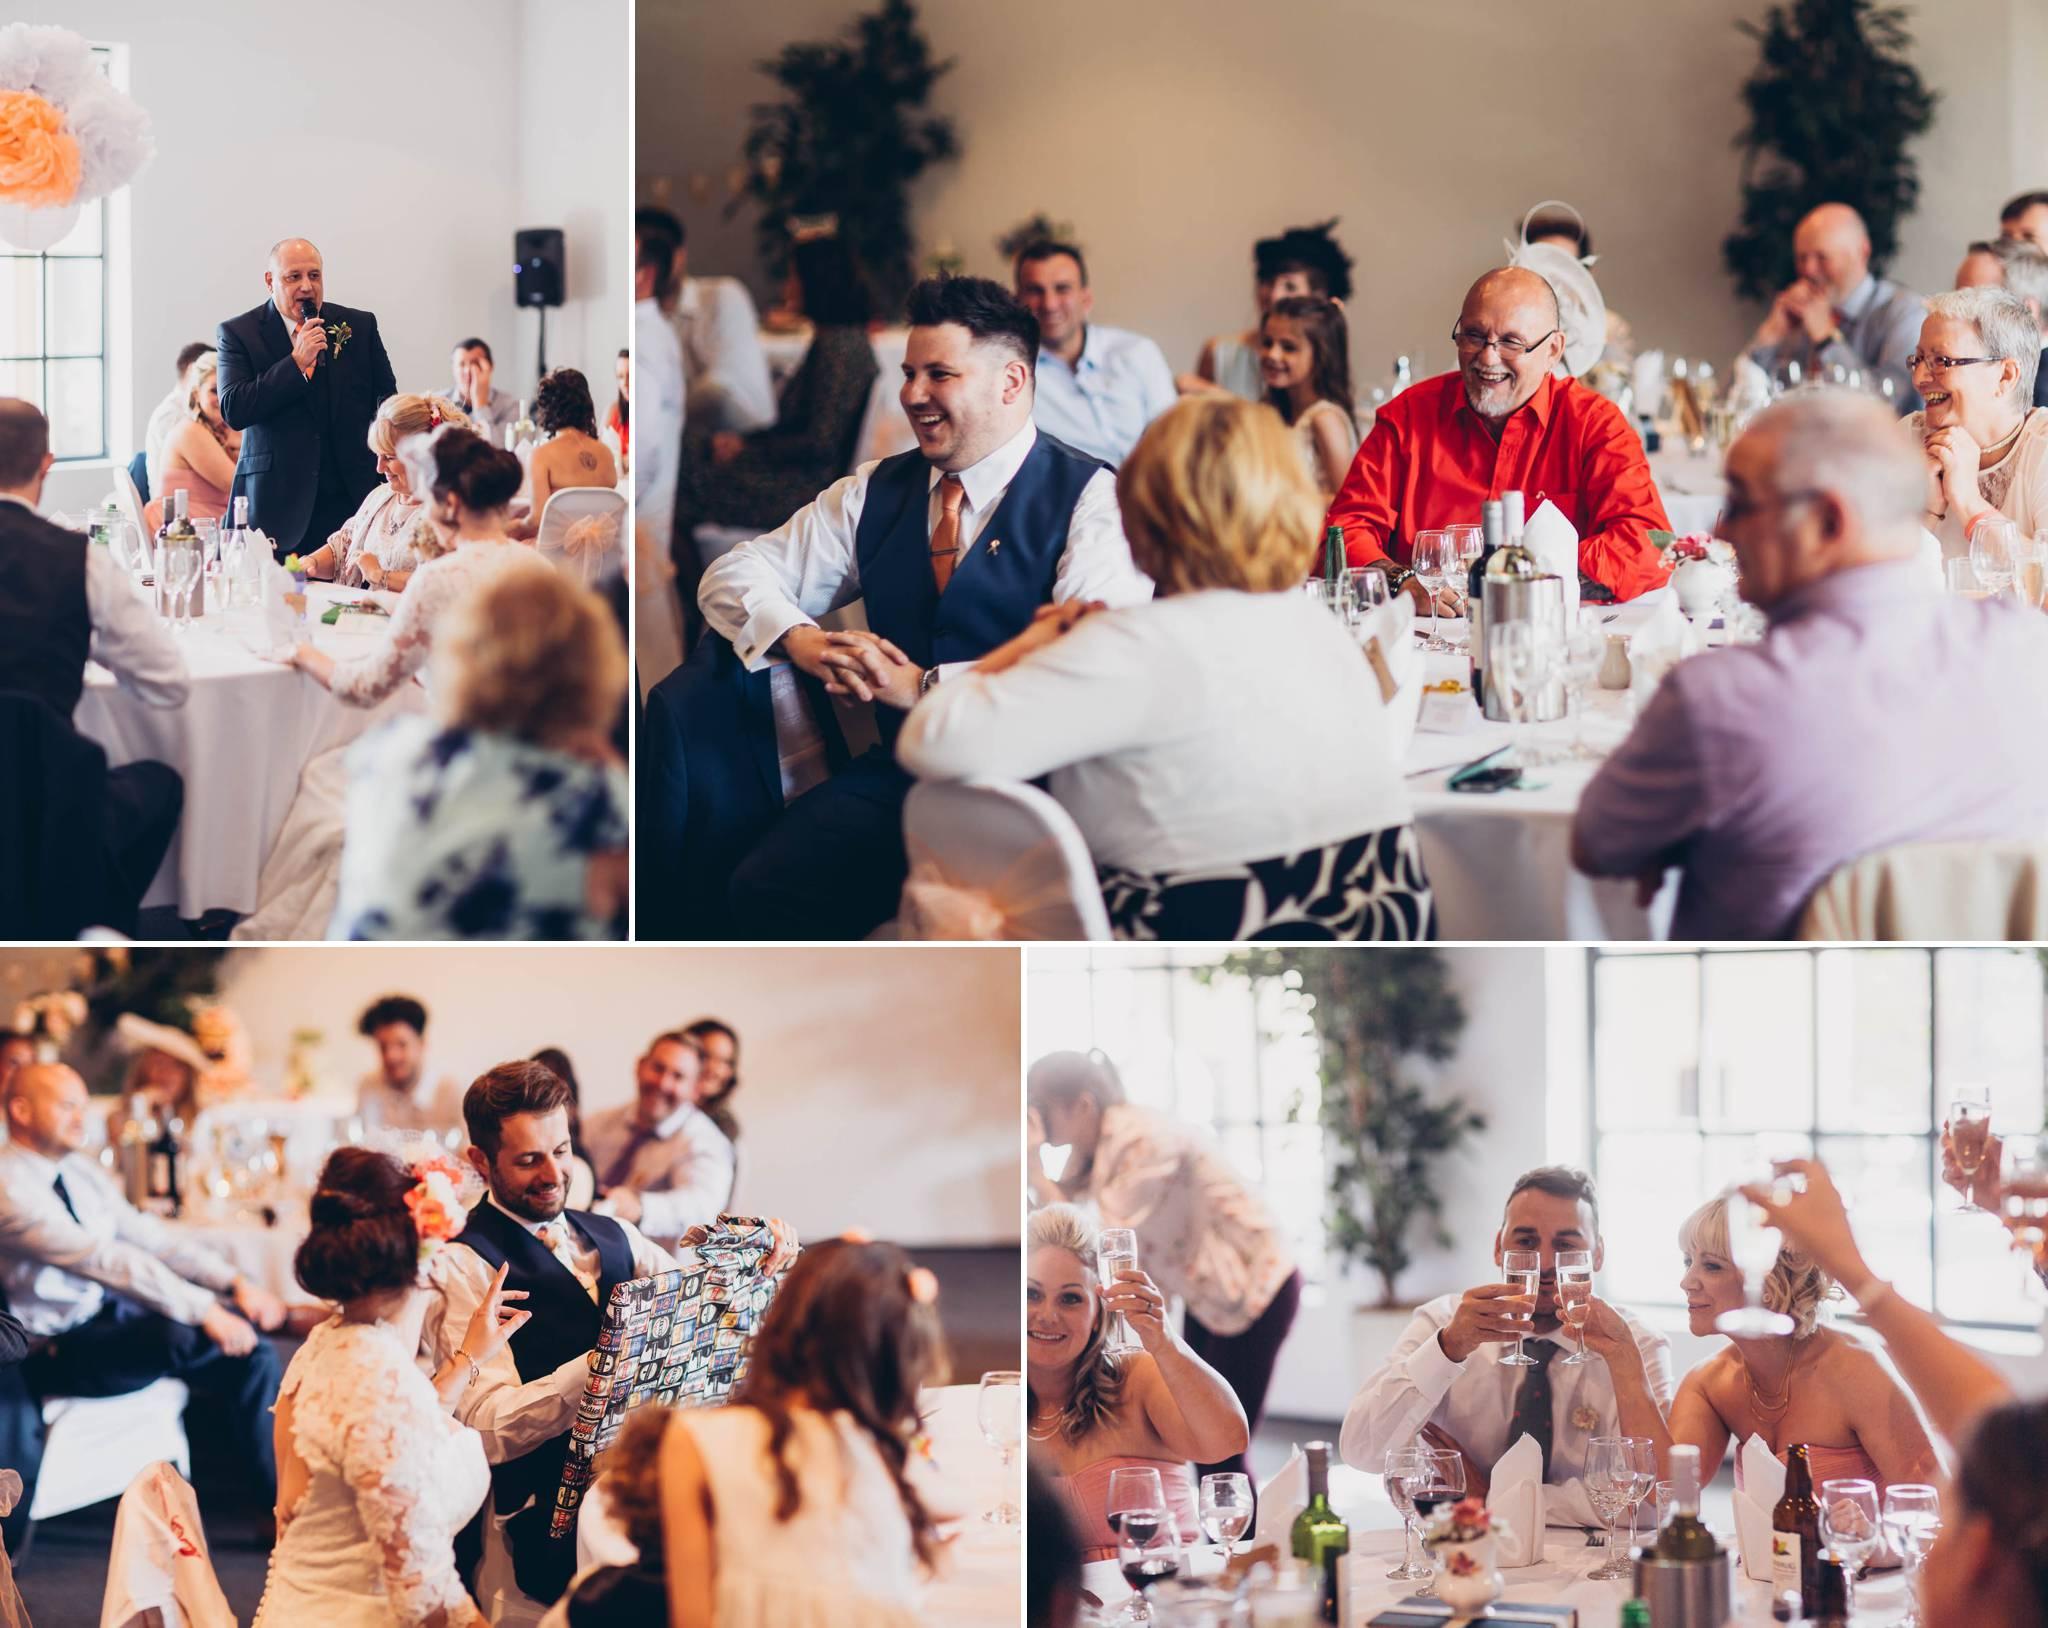 birmingham-wedding-photographer 26.jpg